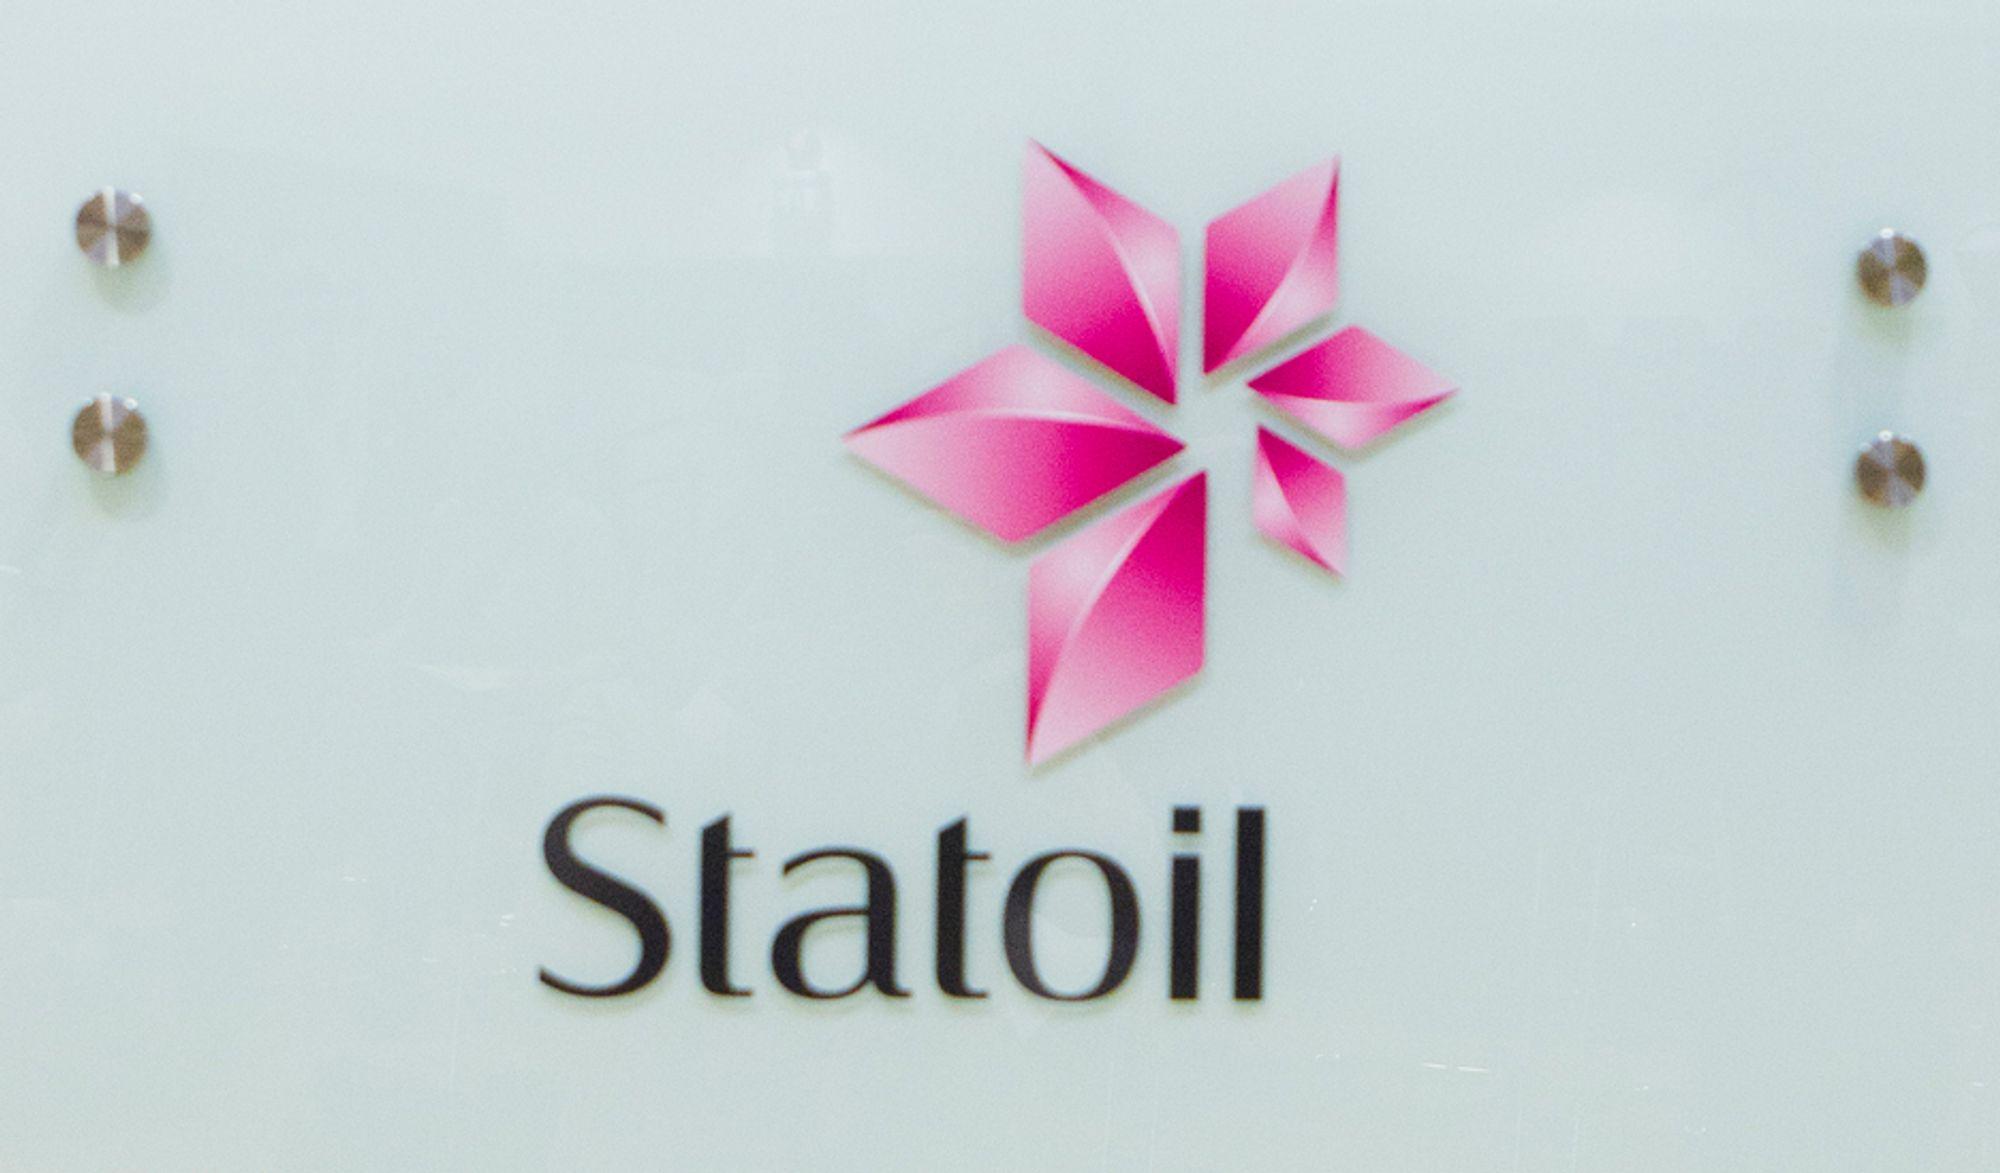 Statoil ansatte dommeren i en sak mellom dem og Biofuel mens saken pågikk.